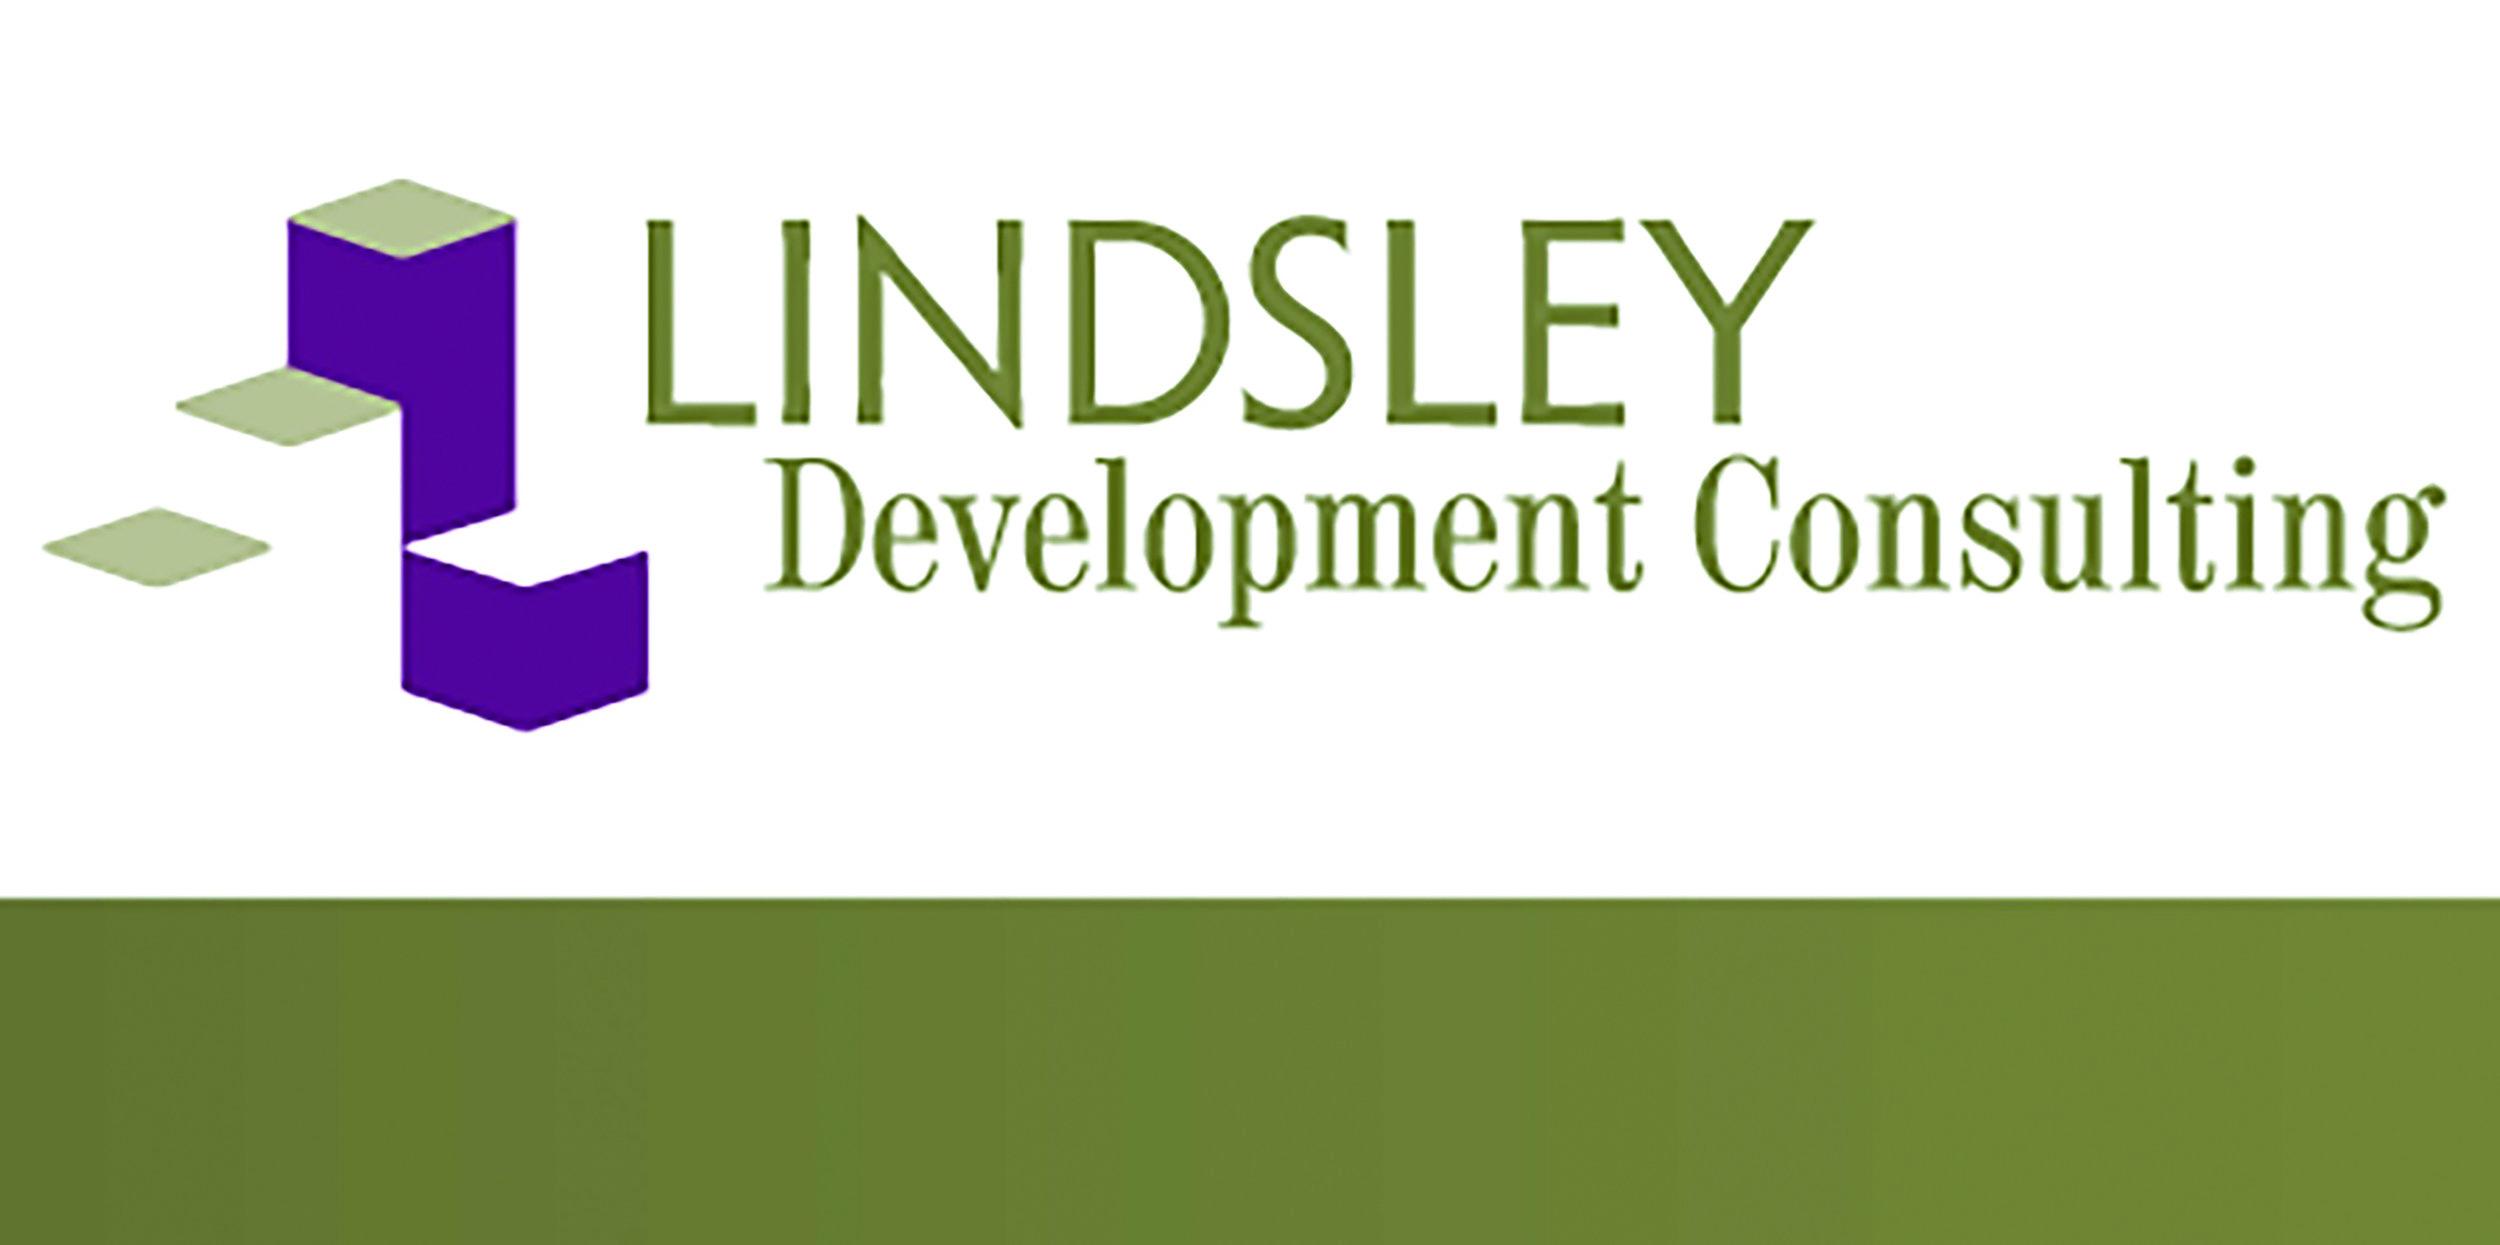 Lindsley Dev Consulting CMYK 300 res.jpg